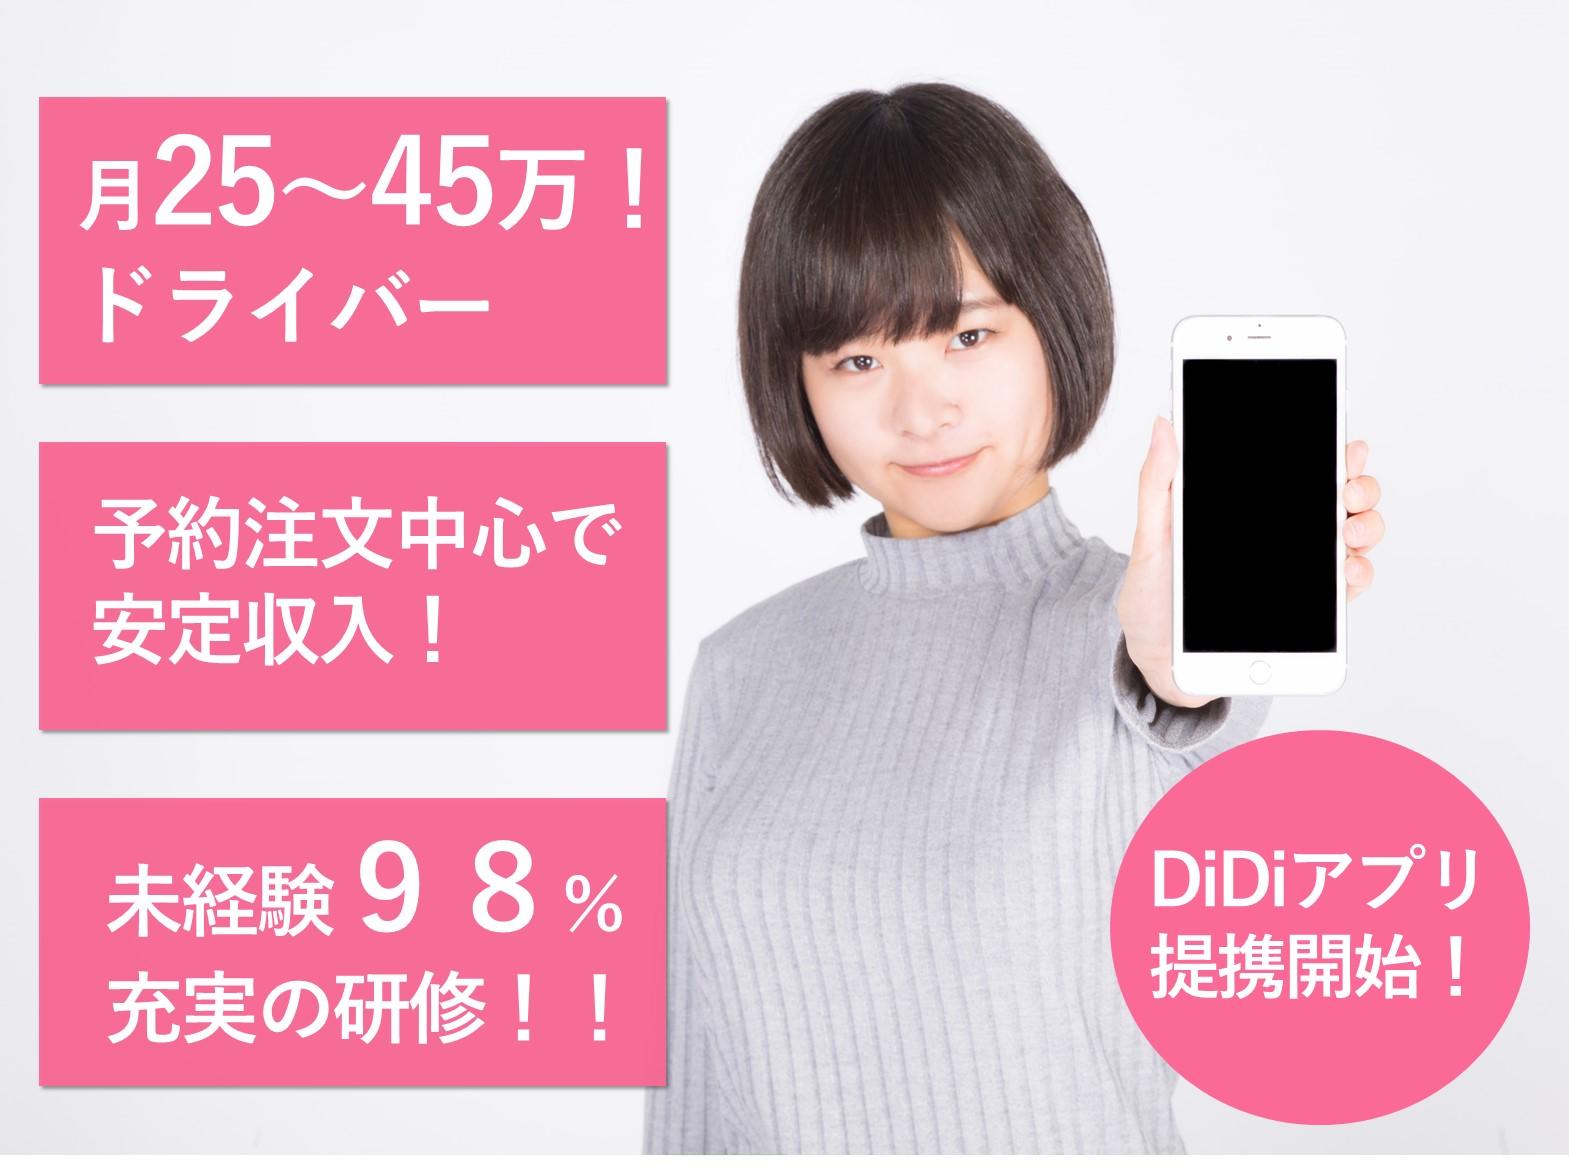 充実の研修でサポート!DiDi提携開始!平均年収469万★タクシーアテンダント イメージ